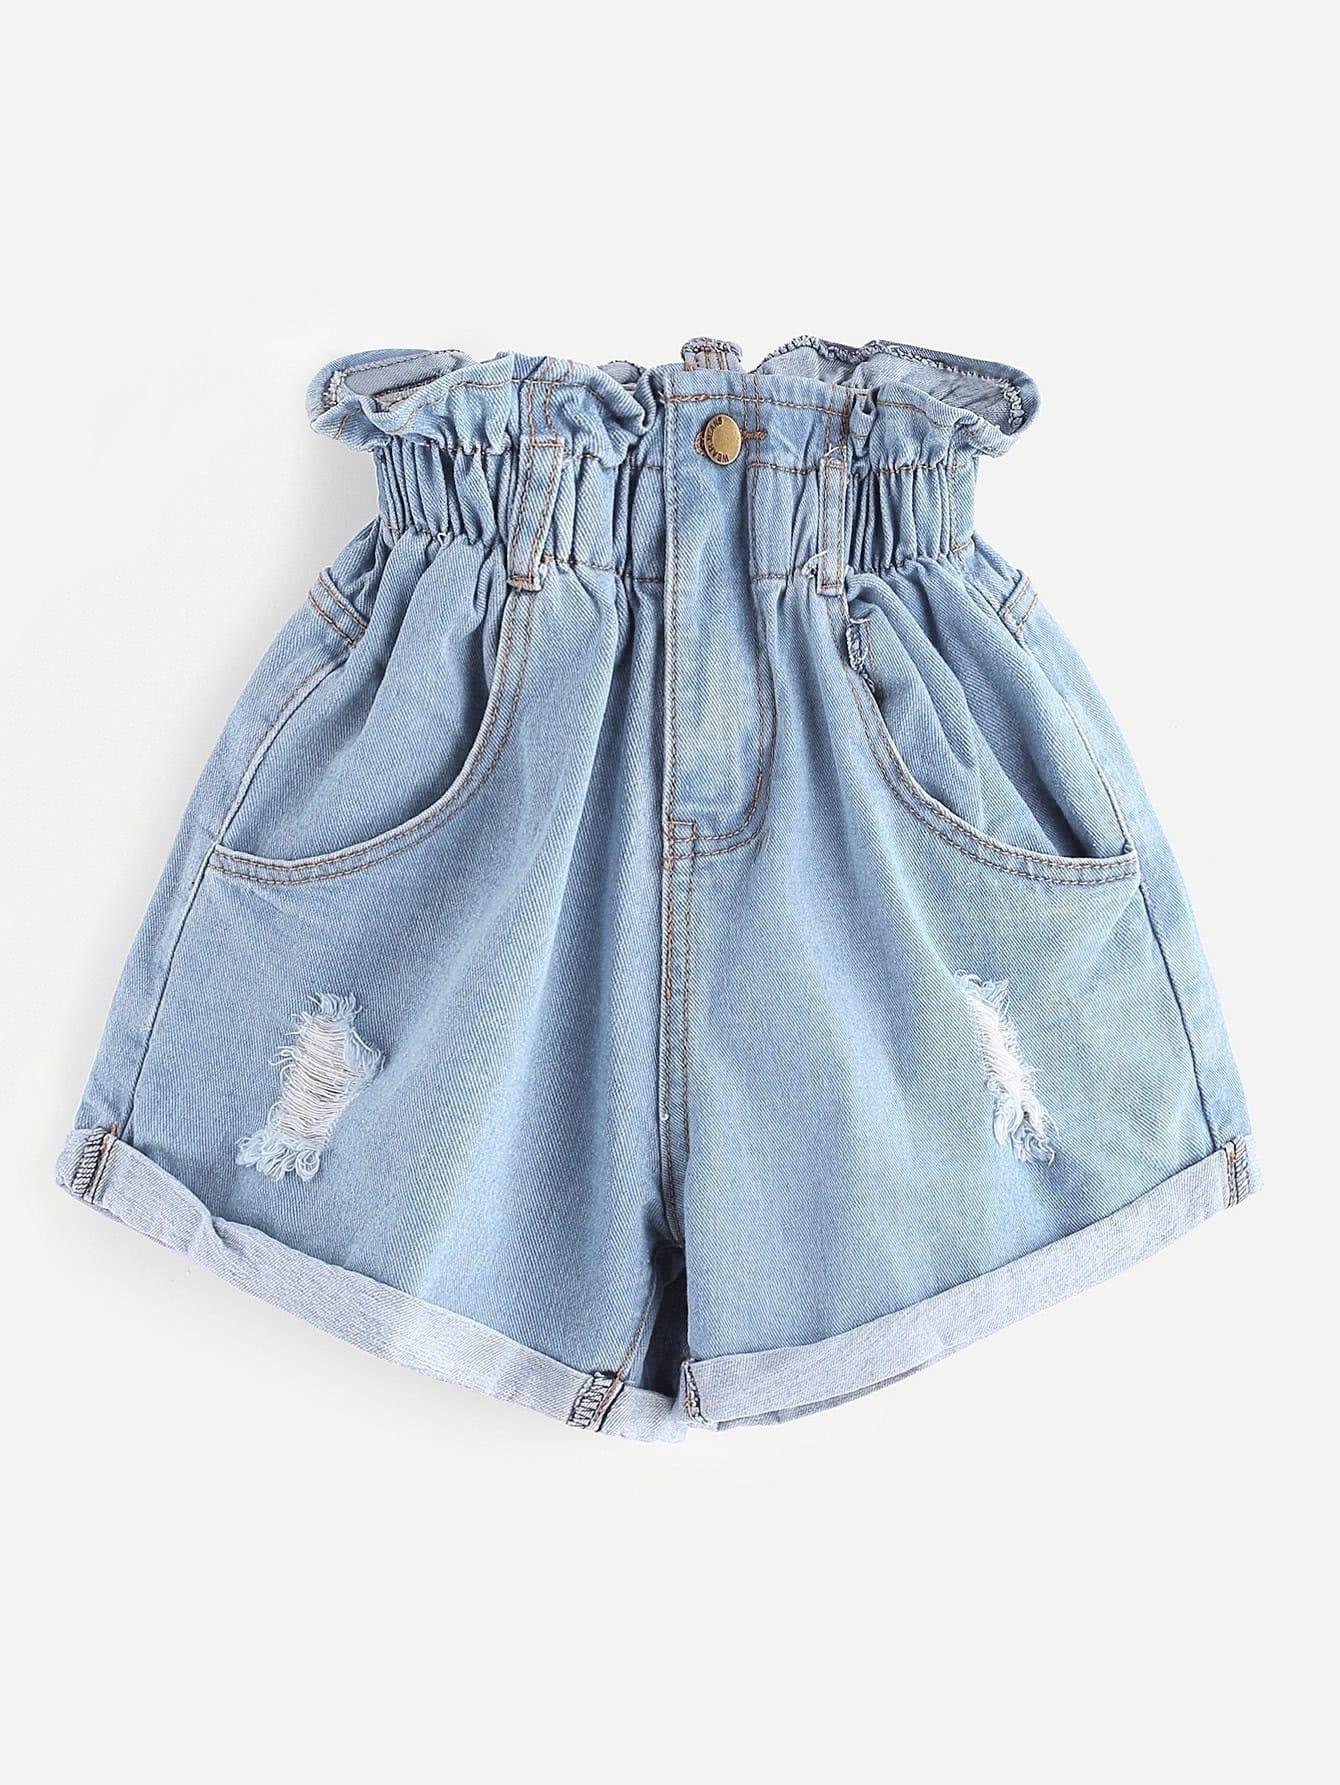 Elastic Waist Ripped Denim Skirt elastic waist button denim dress